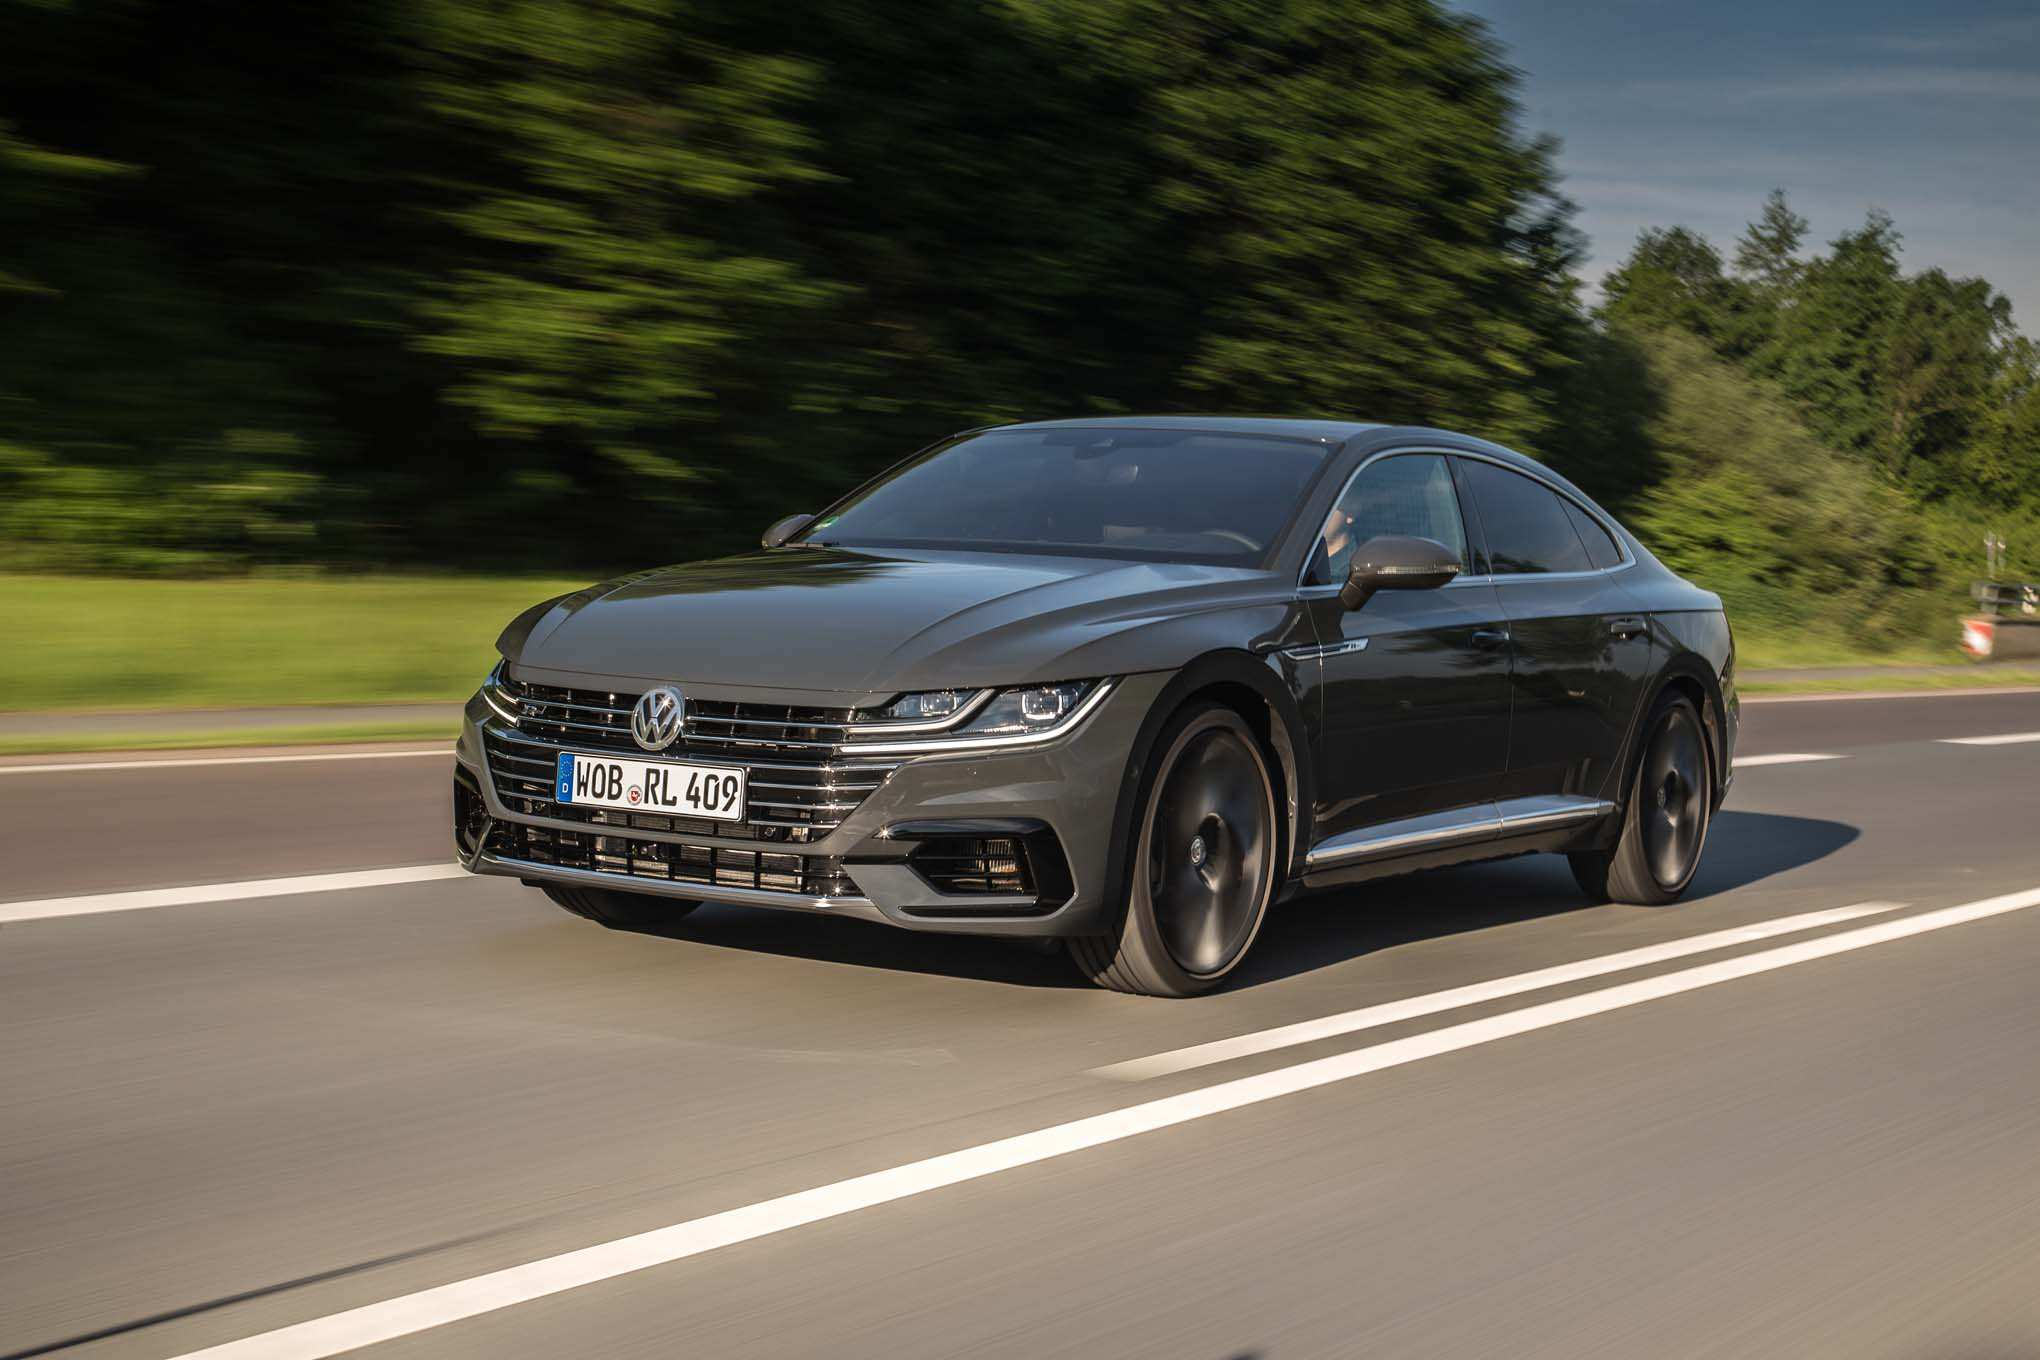 39 All New 2019 Volkswagen Arteon Specs Engine with 2019 Volkswagen Arteon Specs